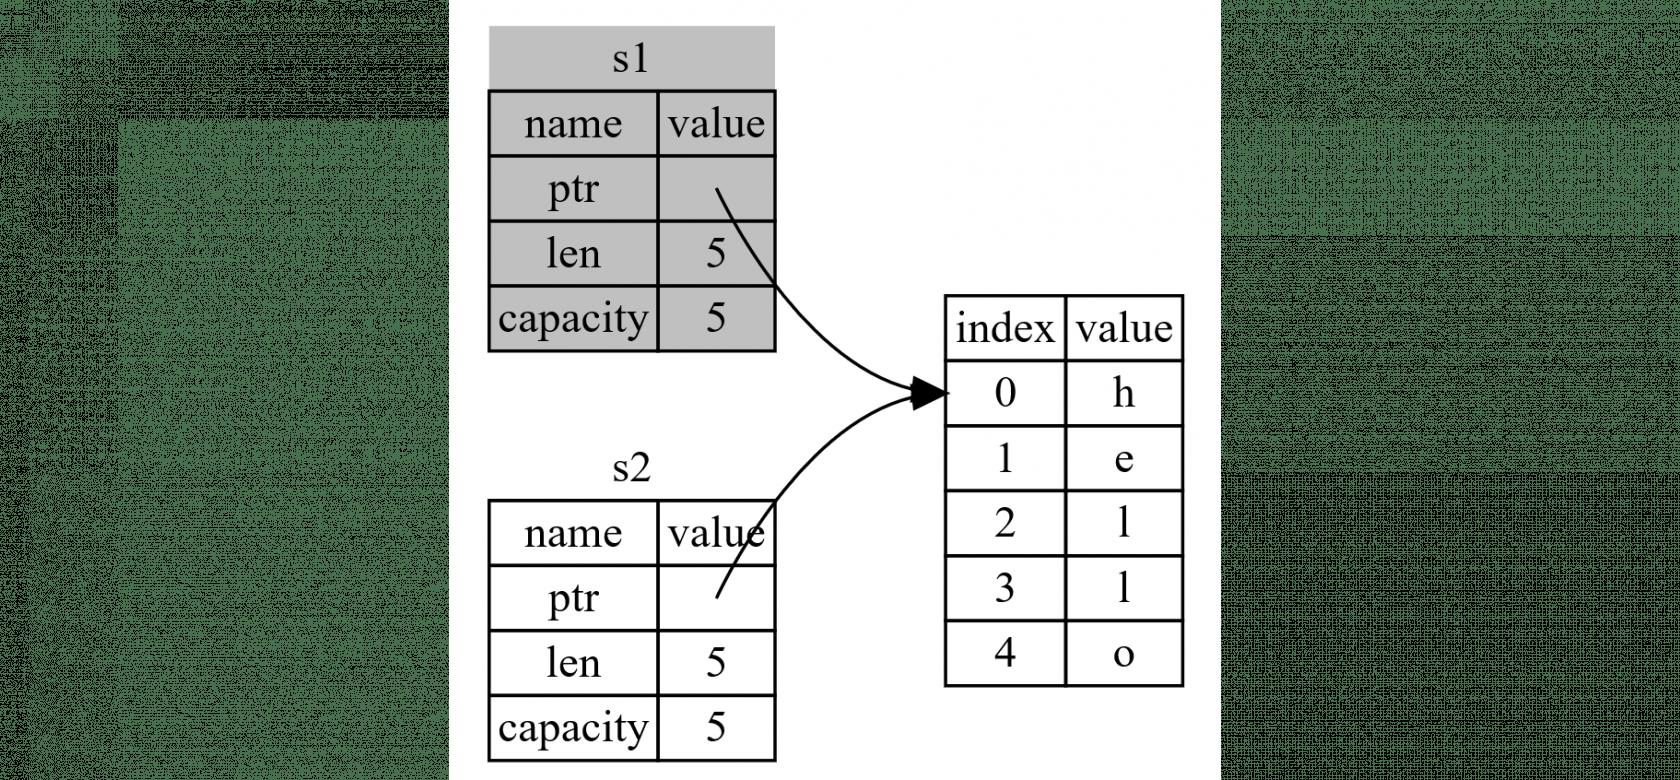 图 4-4:`s1` 无效之后的内存表现